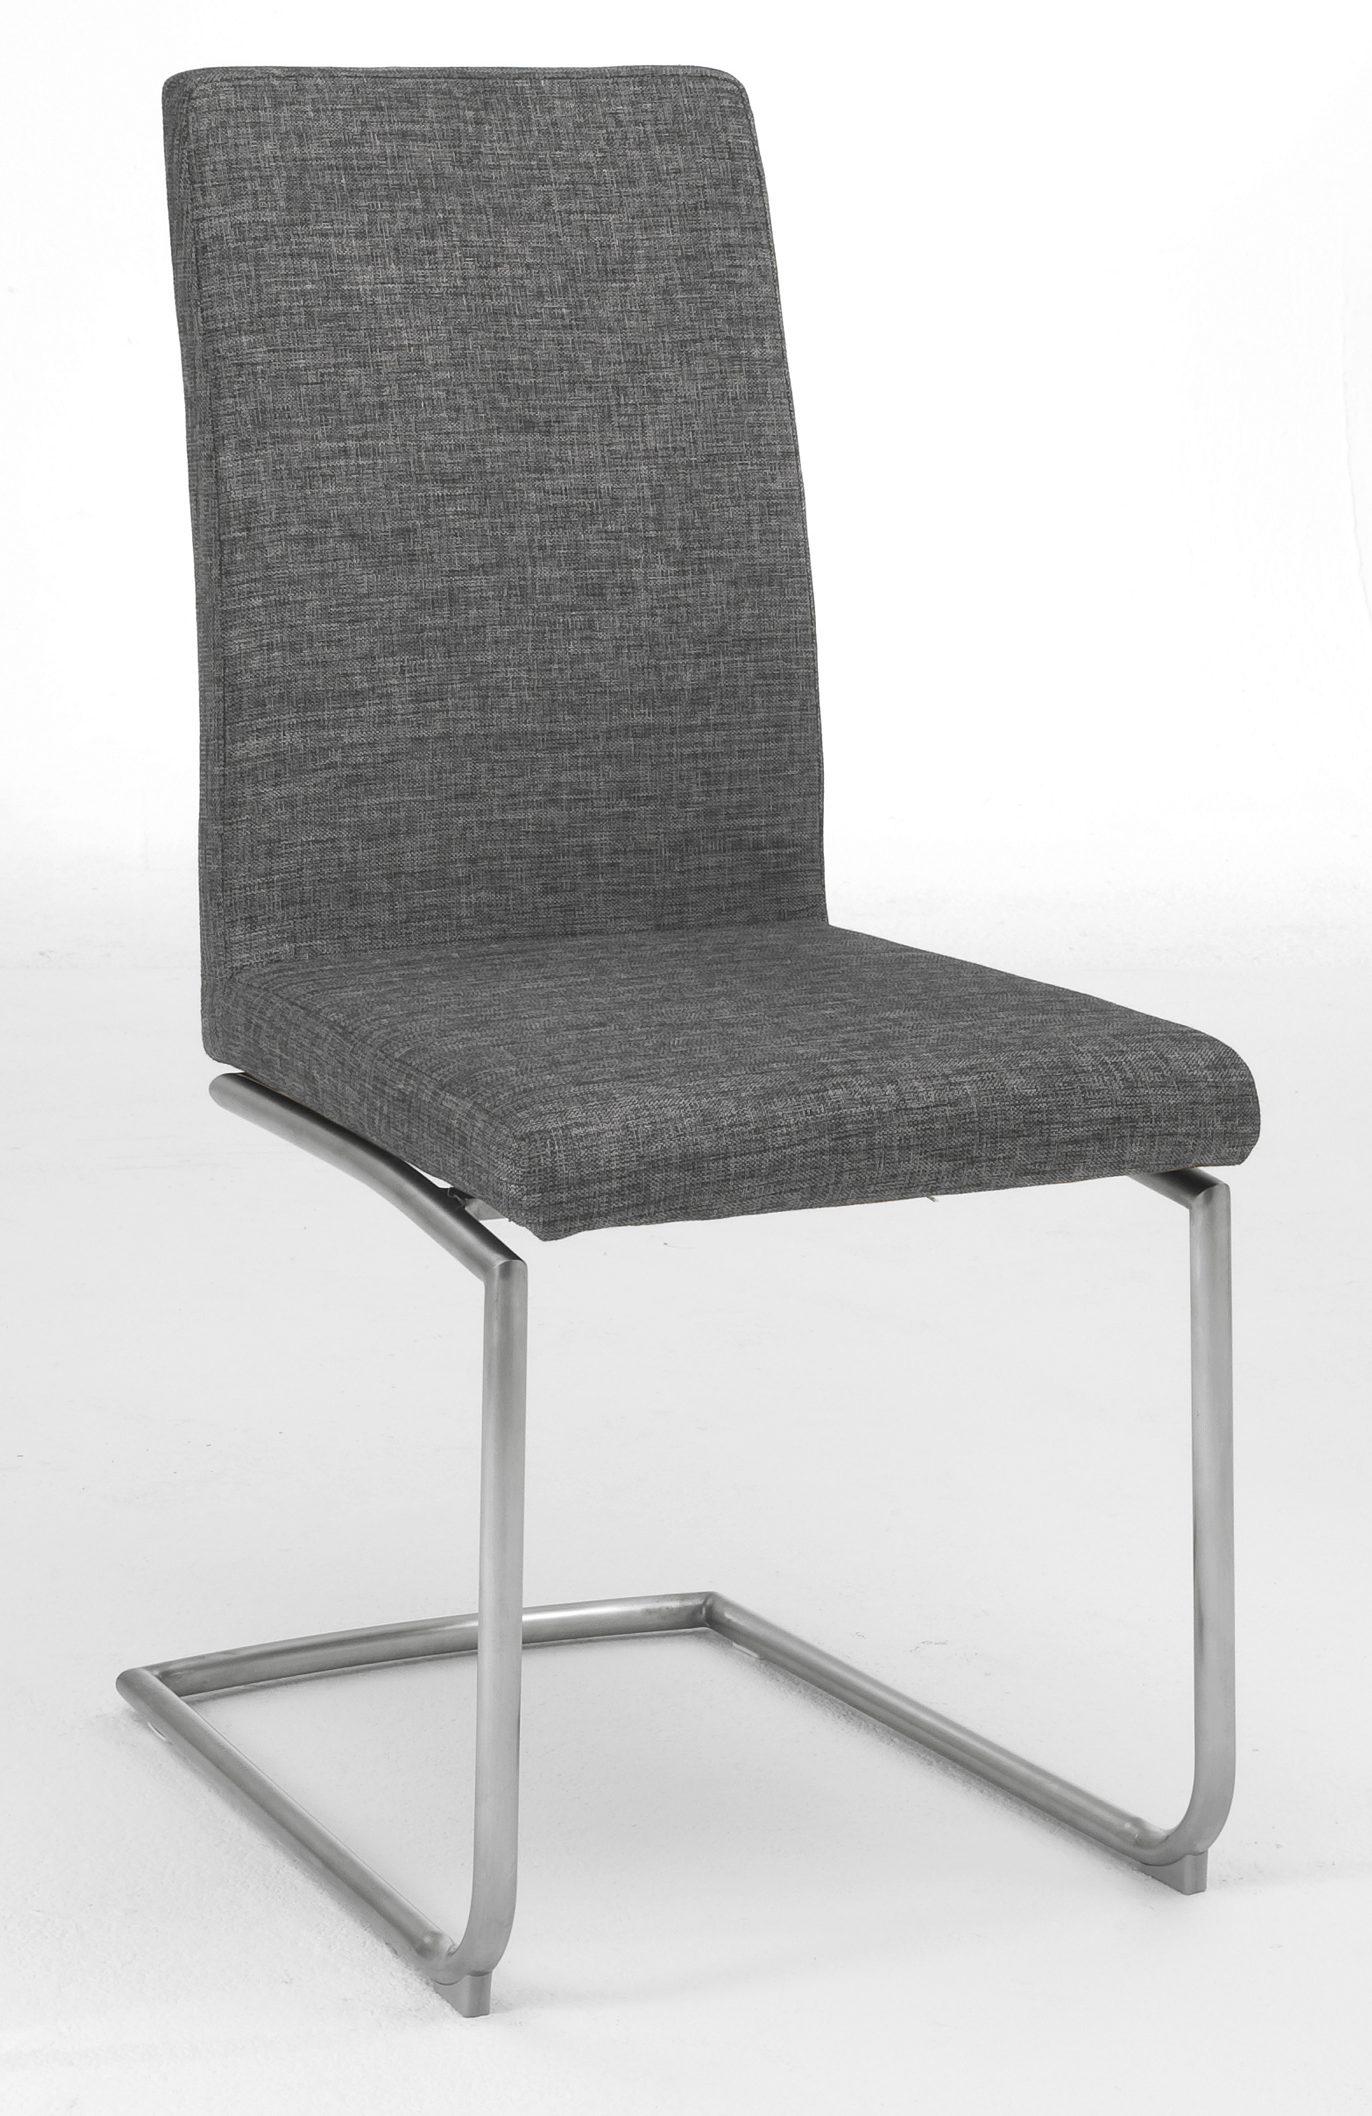 stühle esszimmer design dprmodels es geht um idee, design, Wohnzimmer dekoo